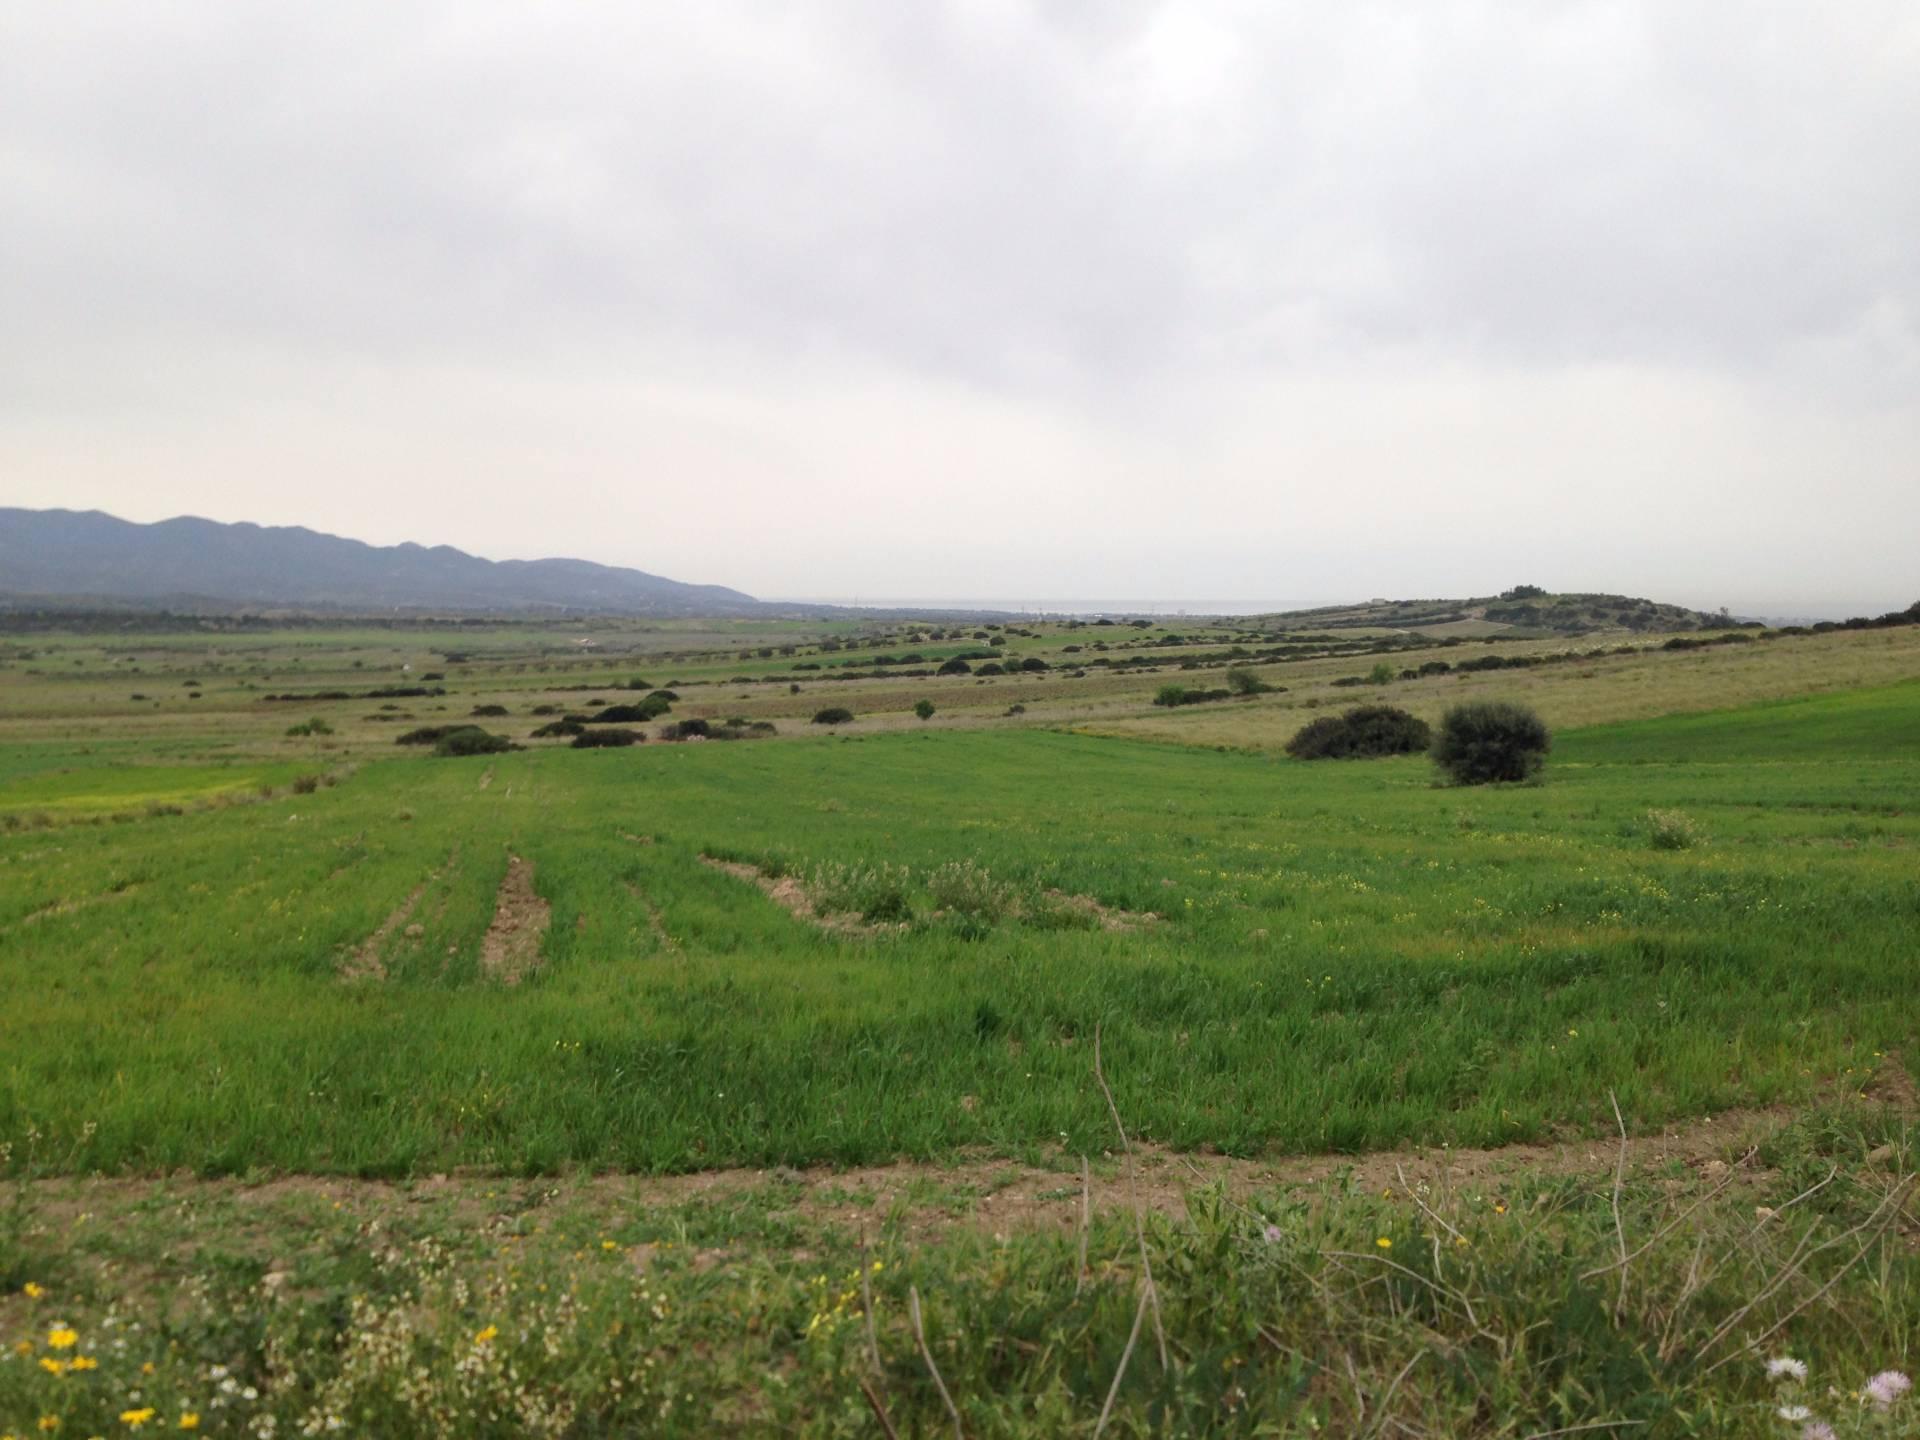 Terreno Agricolo in vendita a Maracalagonis, 9999 locali, prezzo € 12.500 | CambioCasa.it